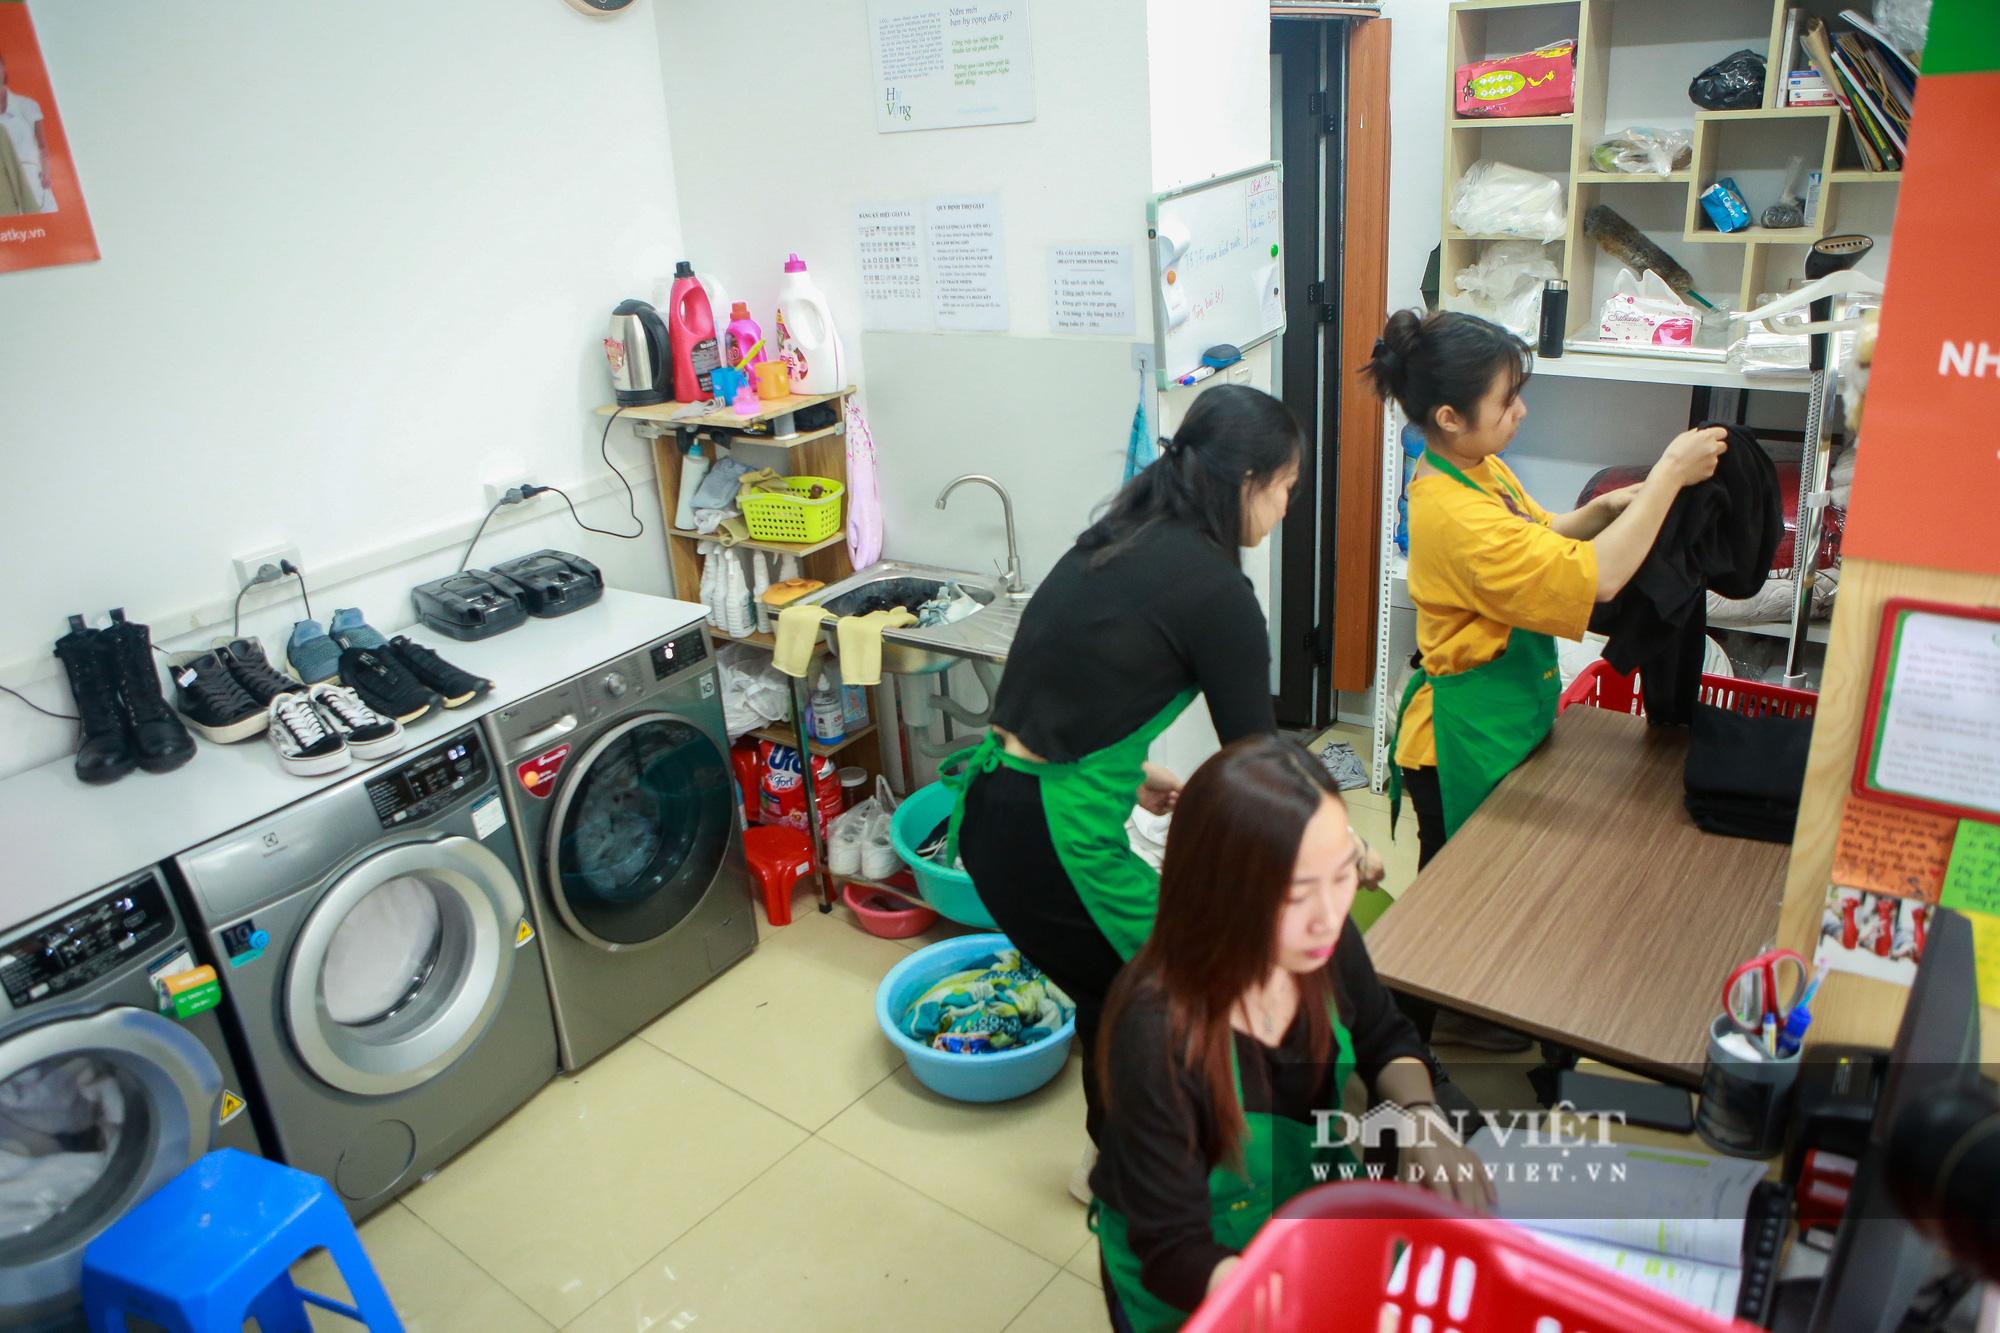 Tiệm giặt là không tiếng nói của những cô gái xinh đẹp tại Hà Nội - Ảnh 2.